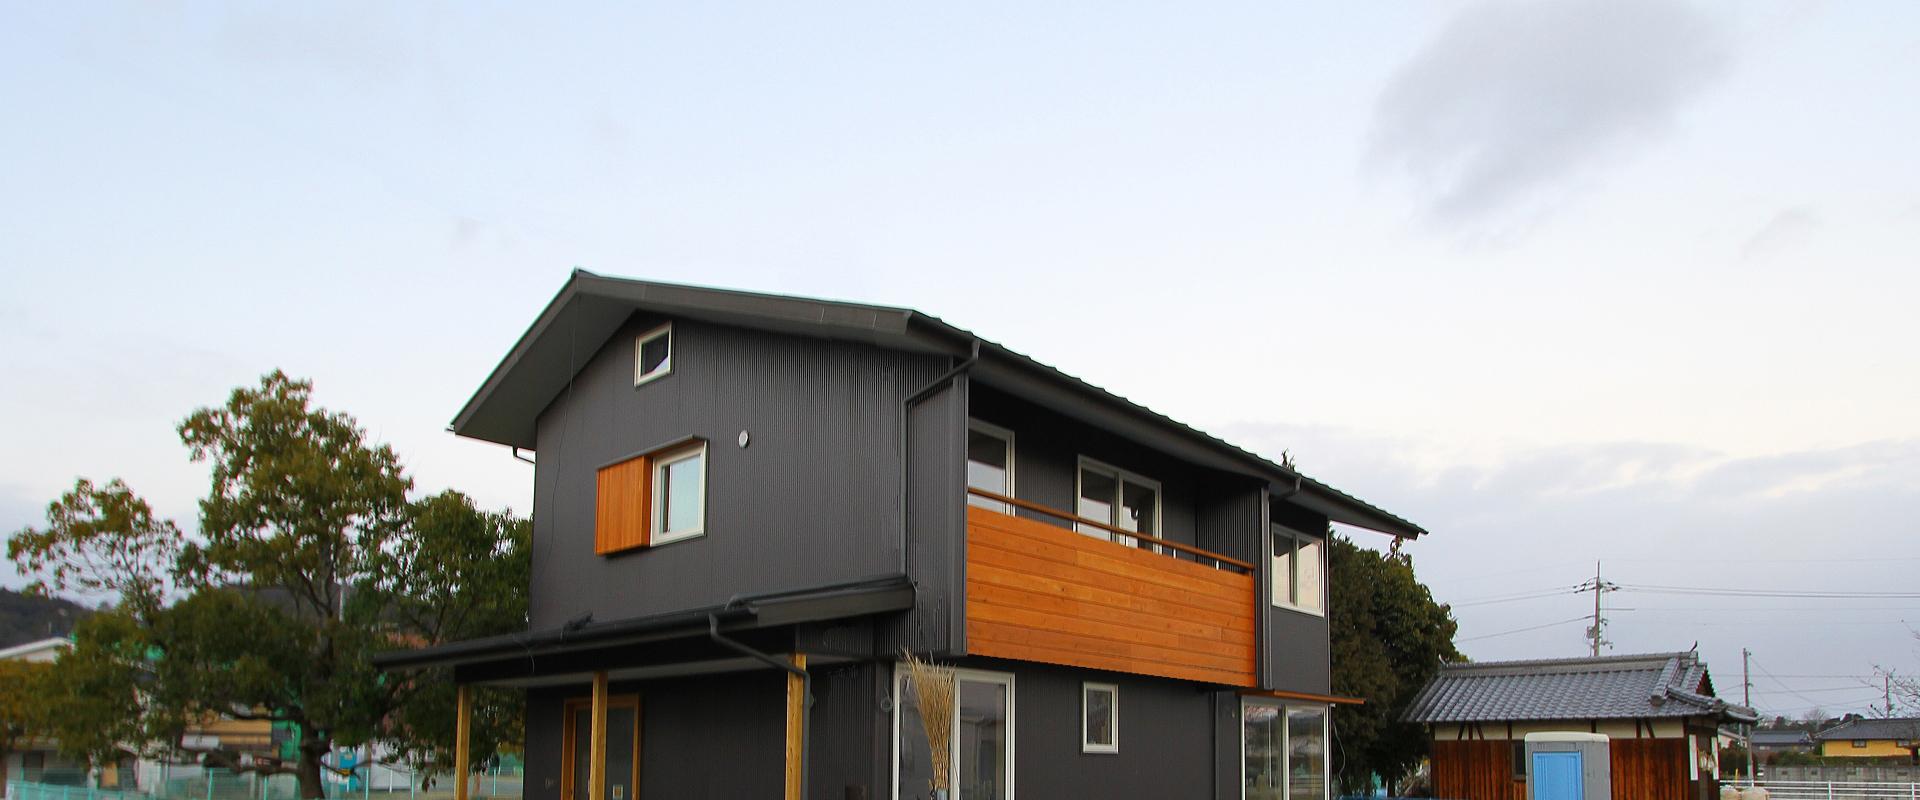 ガルバ鋼板の外観。木のアクセントが映える飽きの来ないシンプルデザイン。